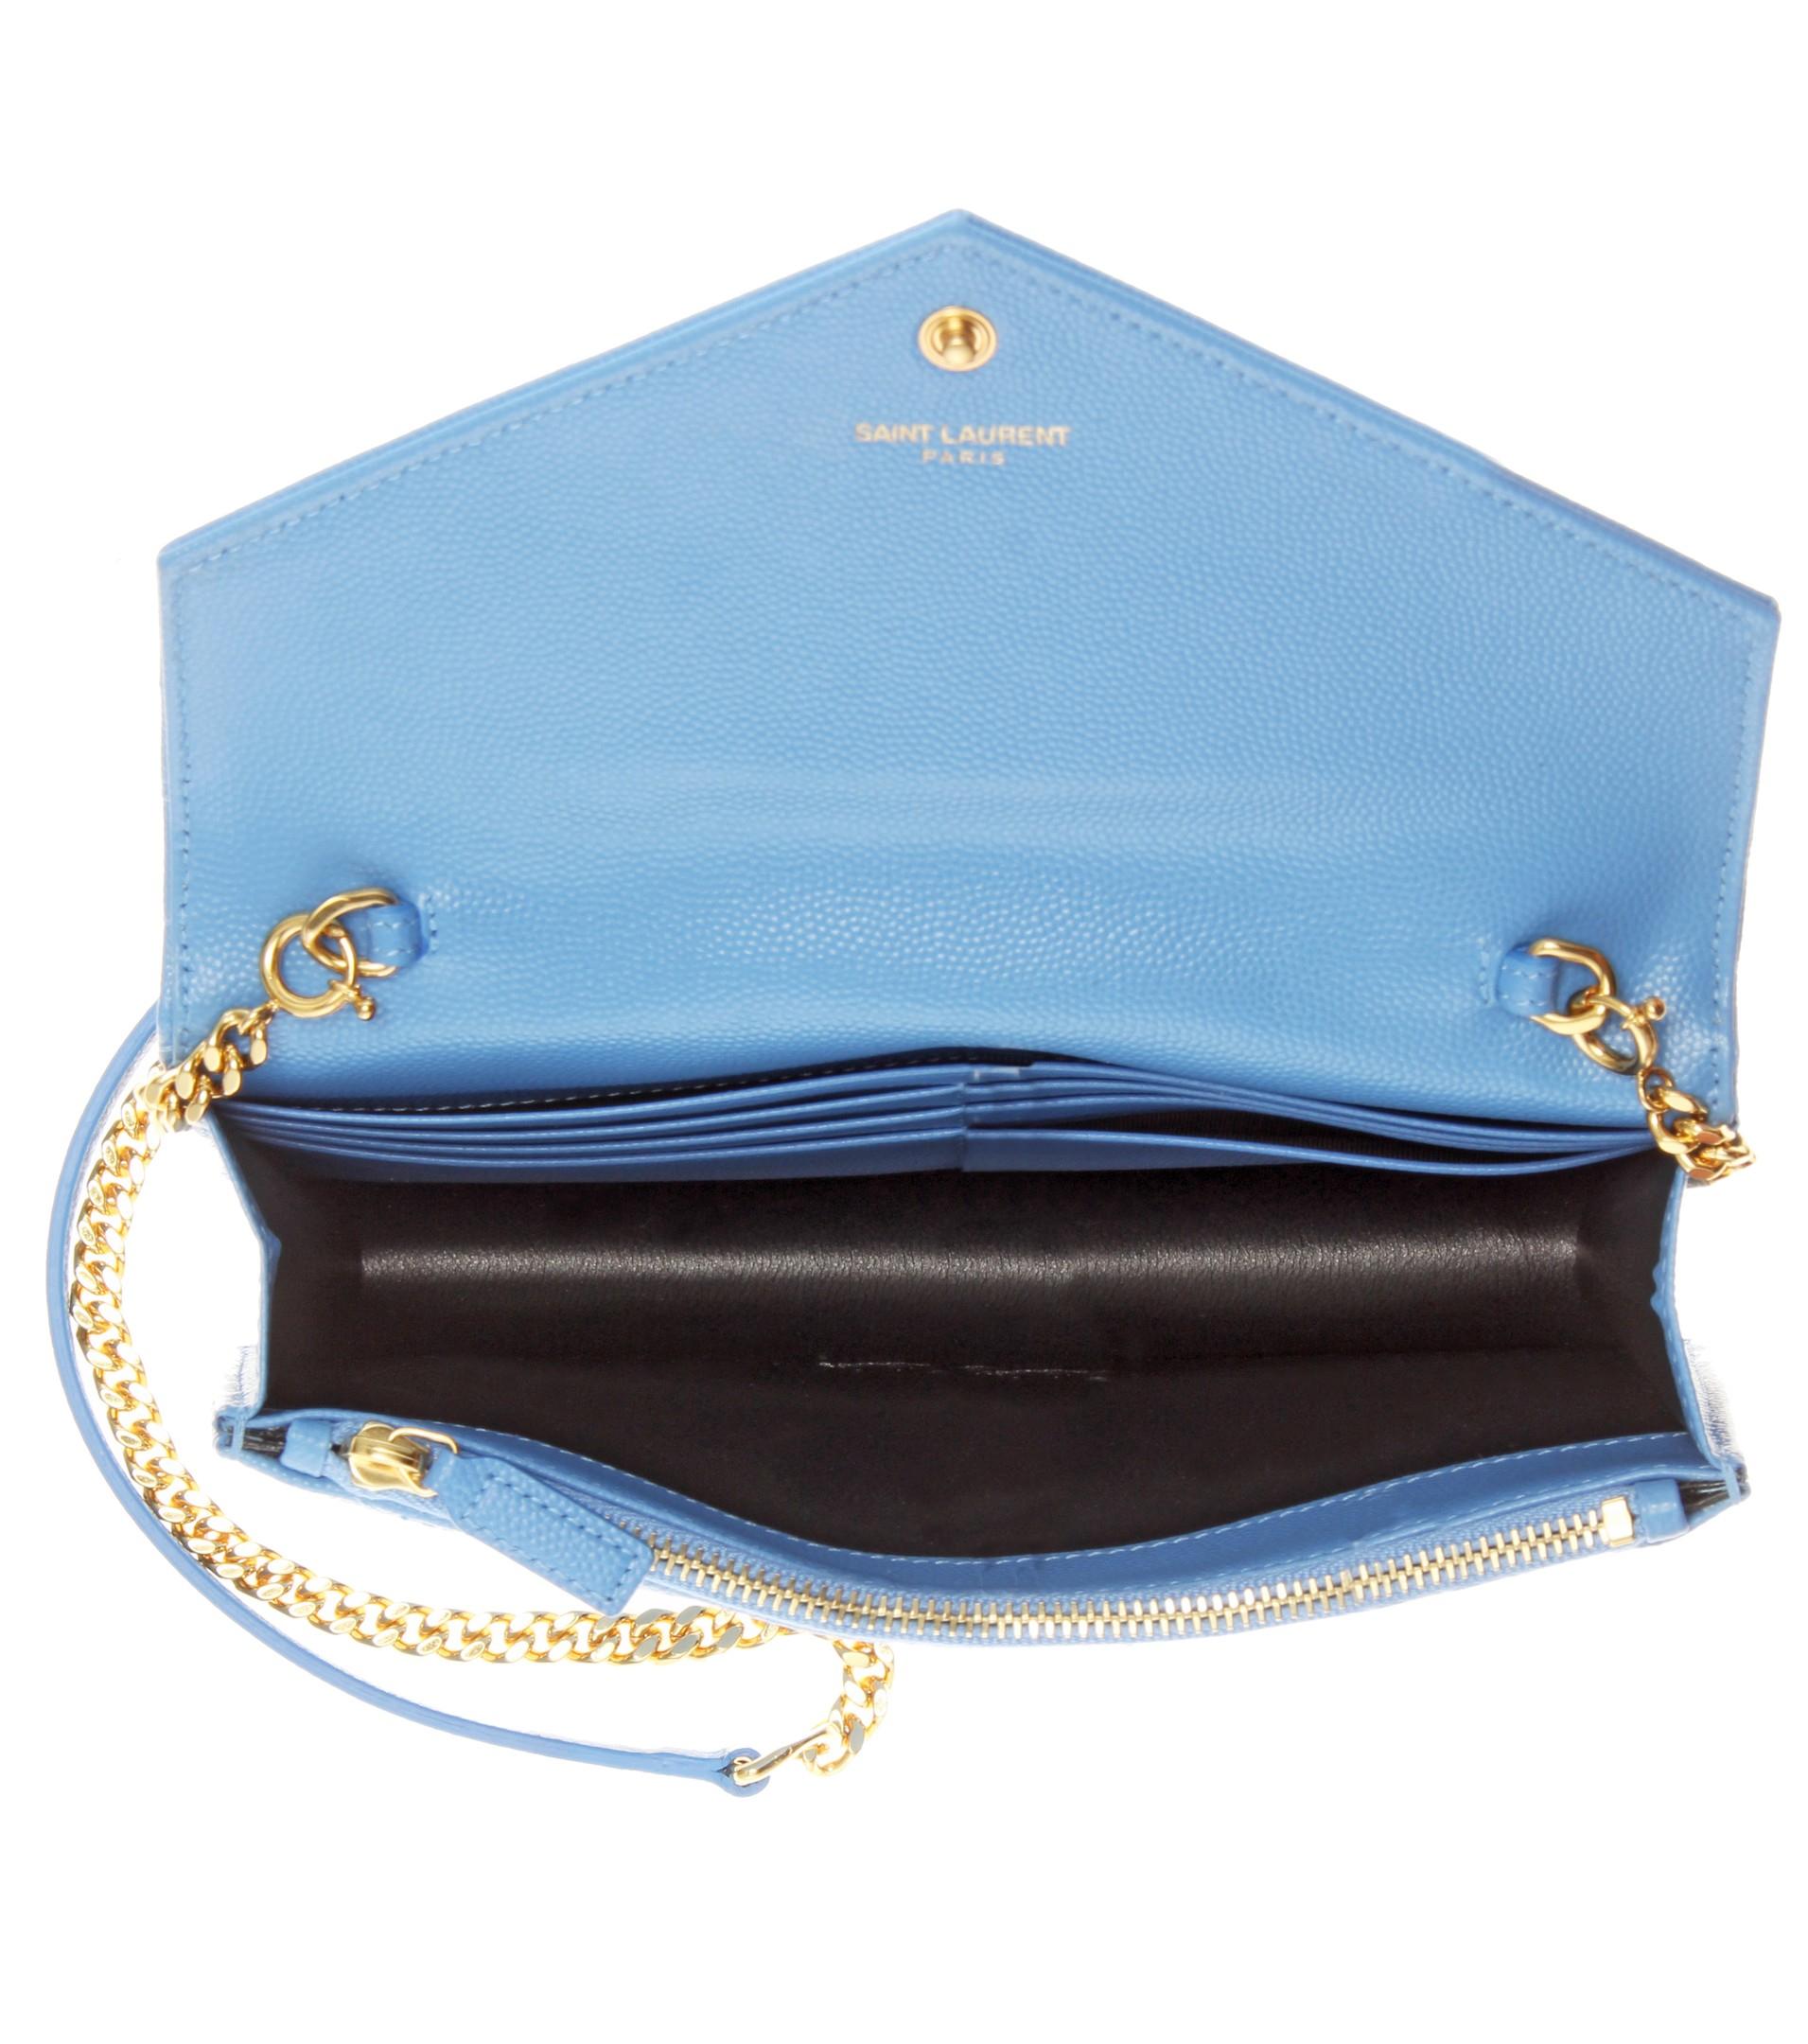 ysl monogram crossbody - monogram saint laurent blogger bag in sky blue leather